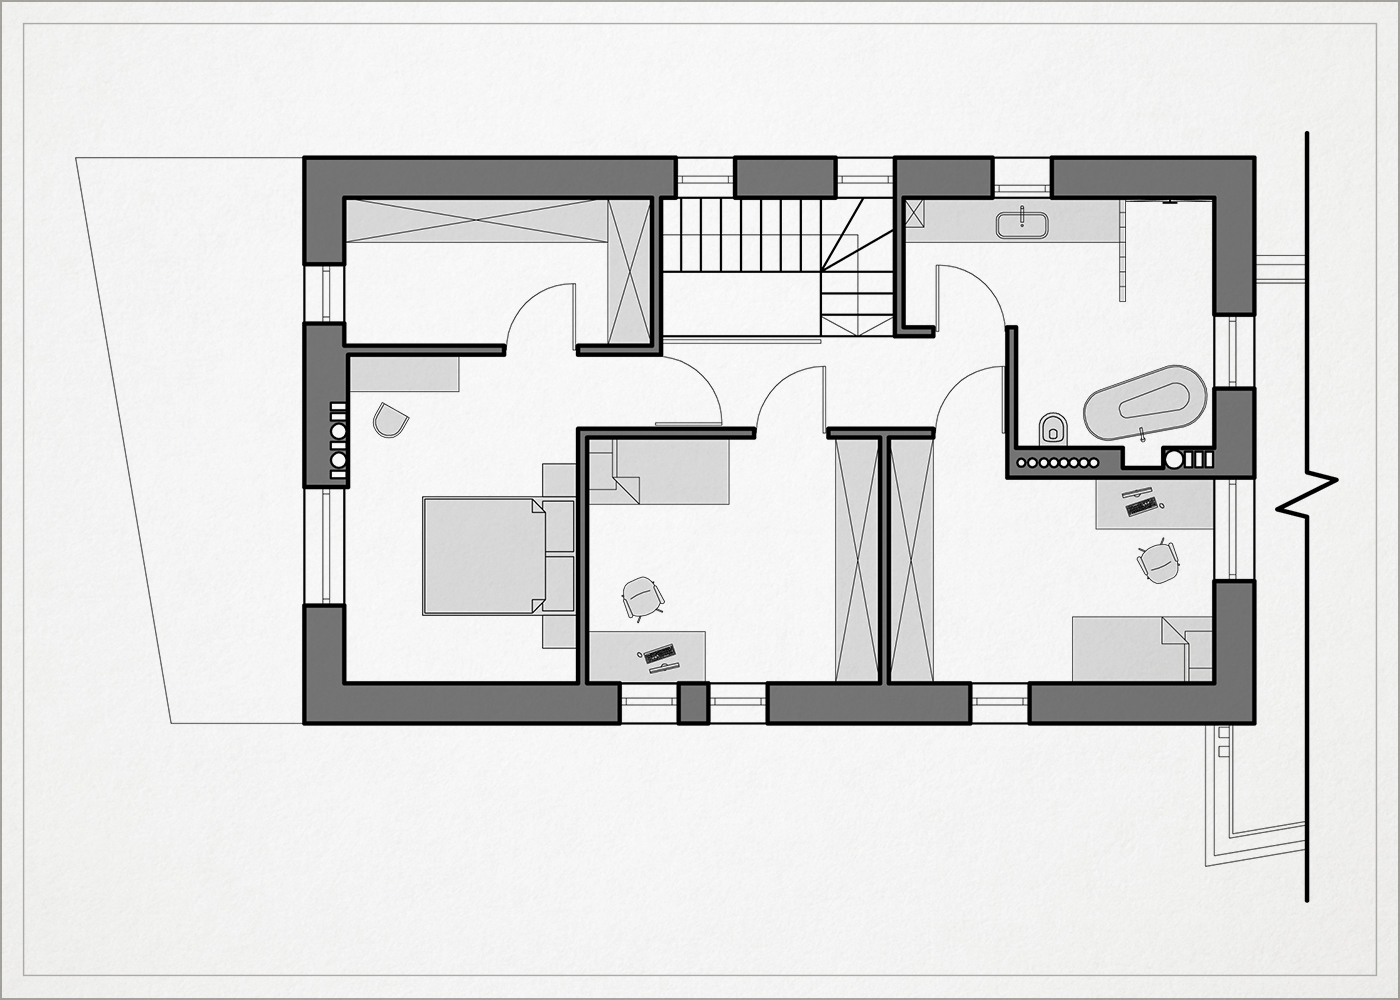 2 auksto architekturinis planas - namas pavilnyje